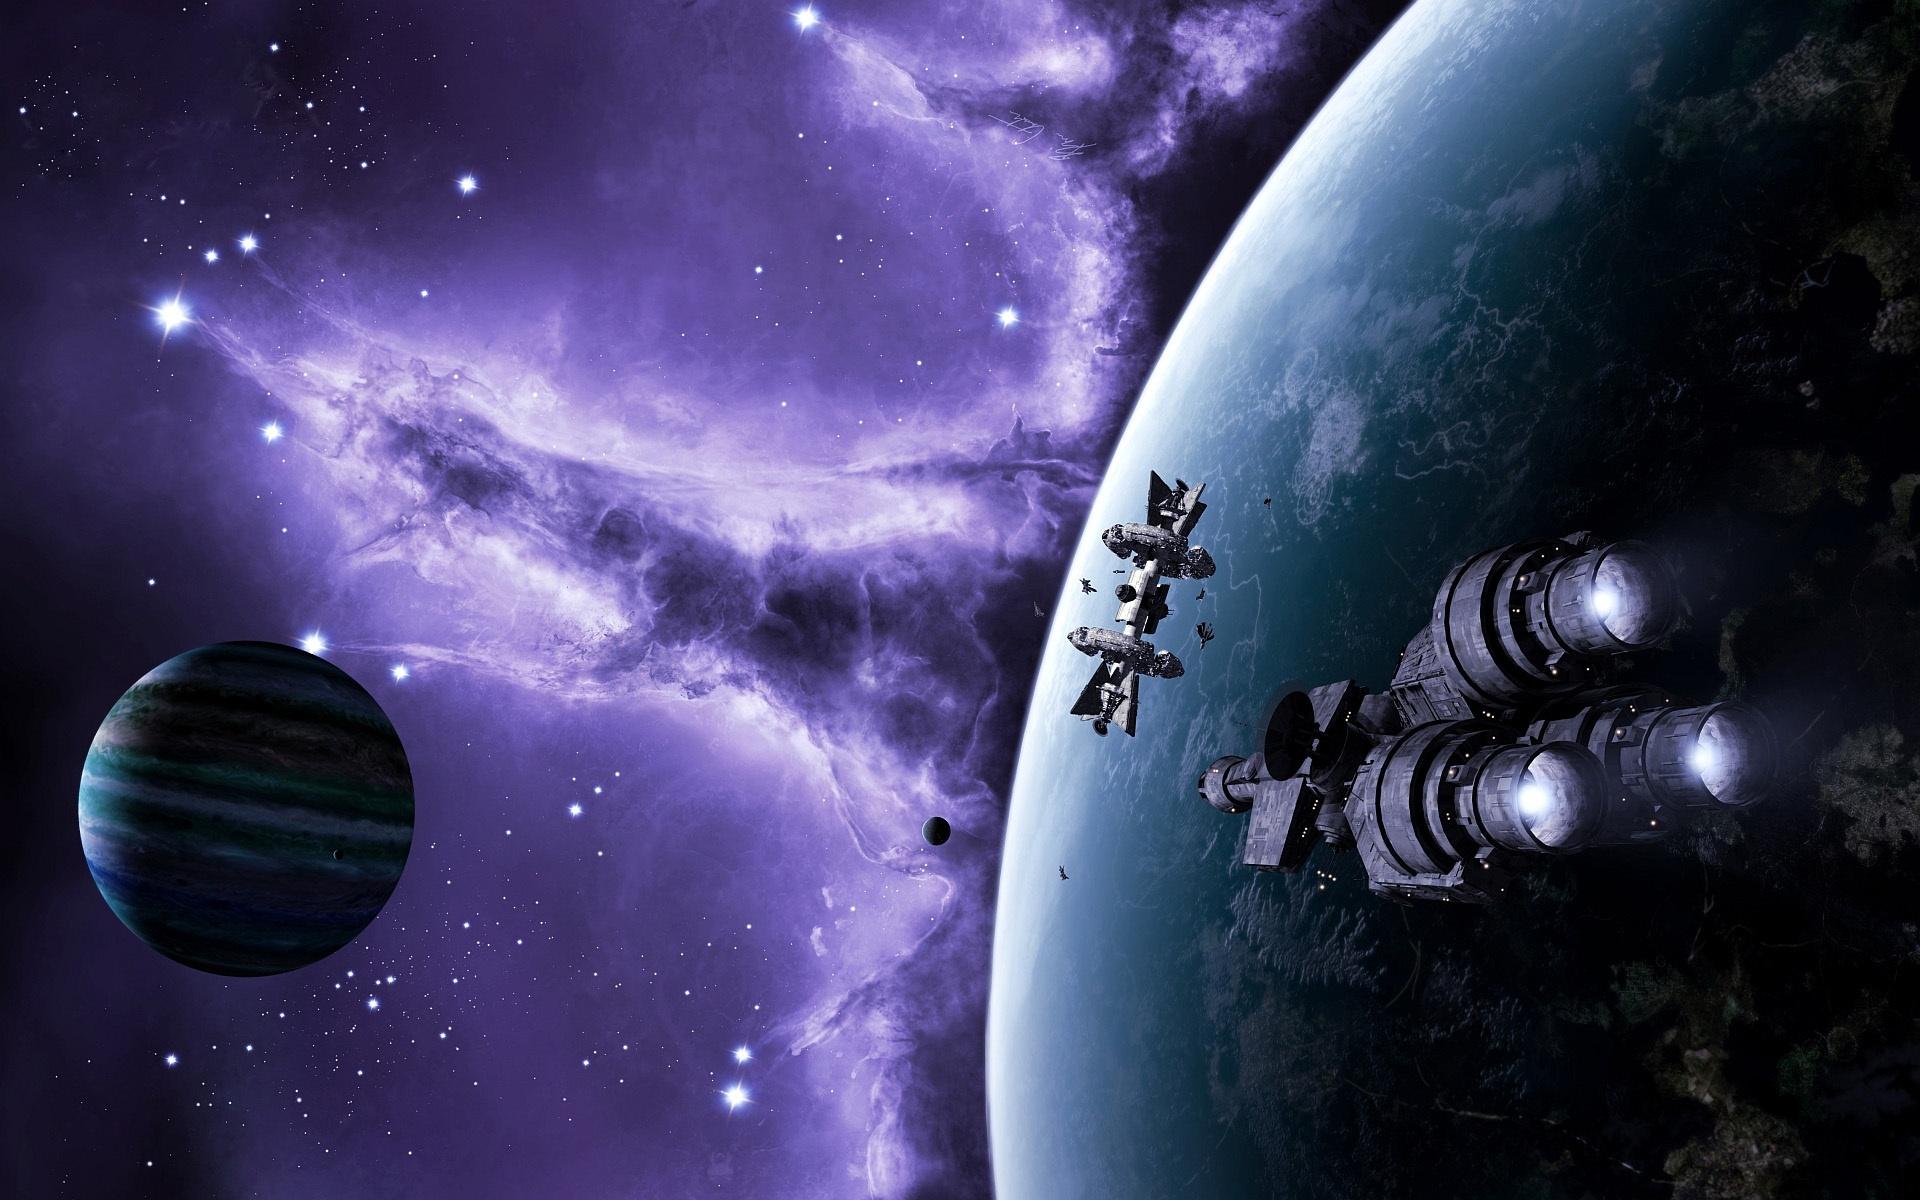 Обои космический корабль планета картинки на рабочий стол на тему Космос - скачать  № 3950419 бесплатно